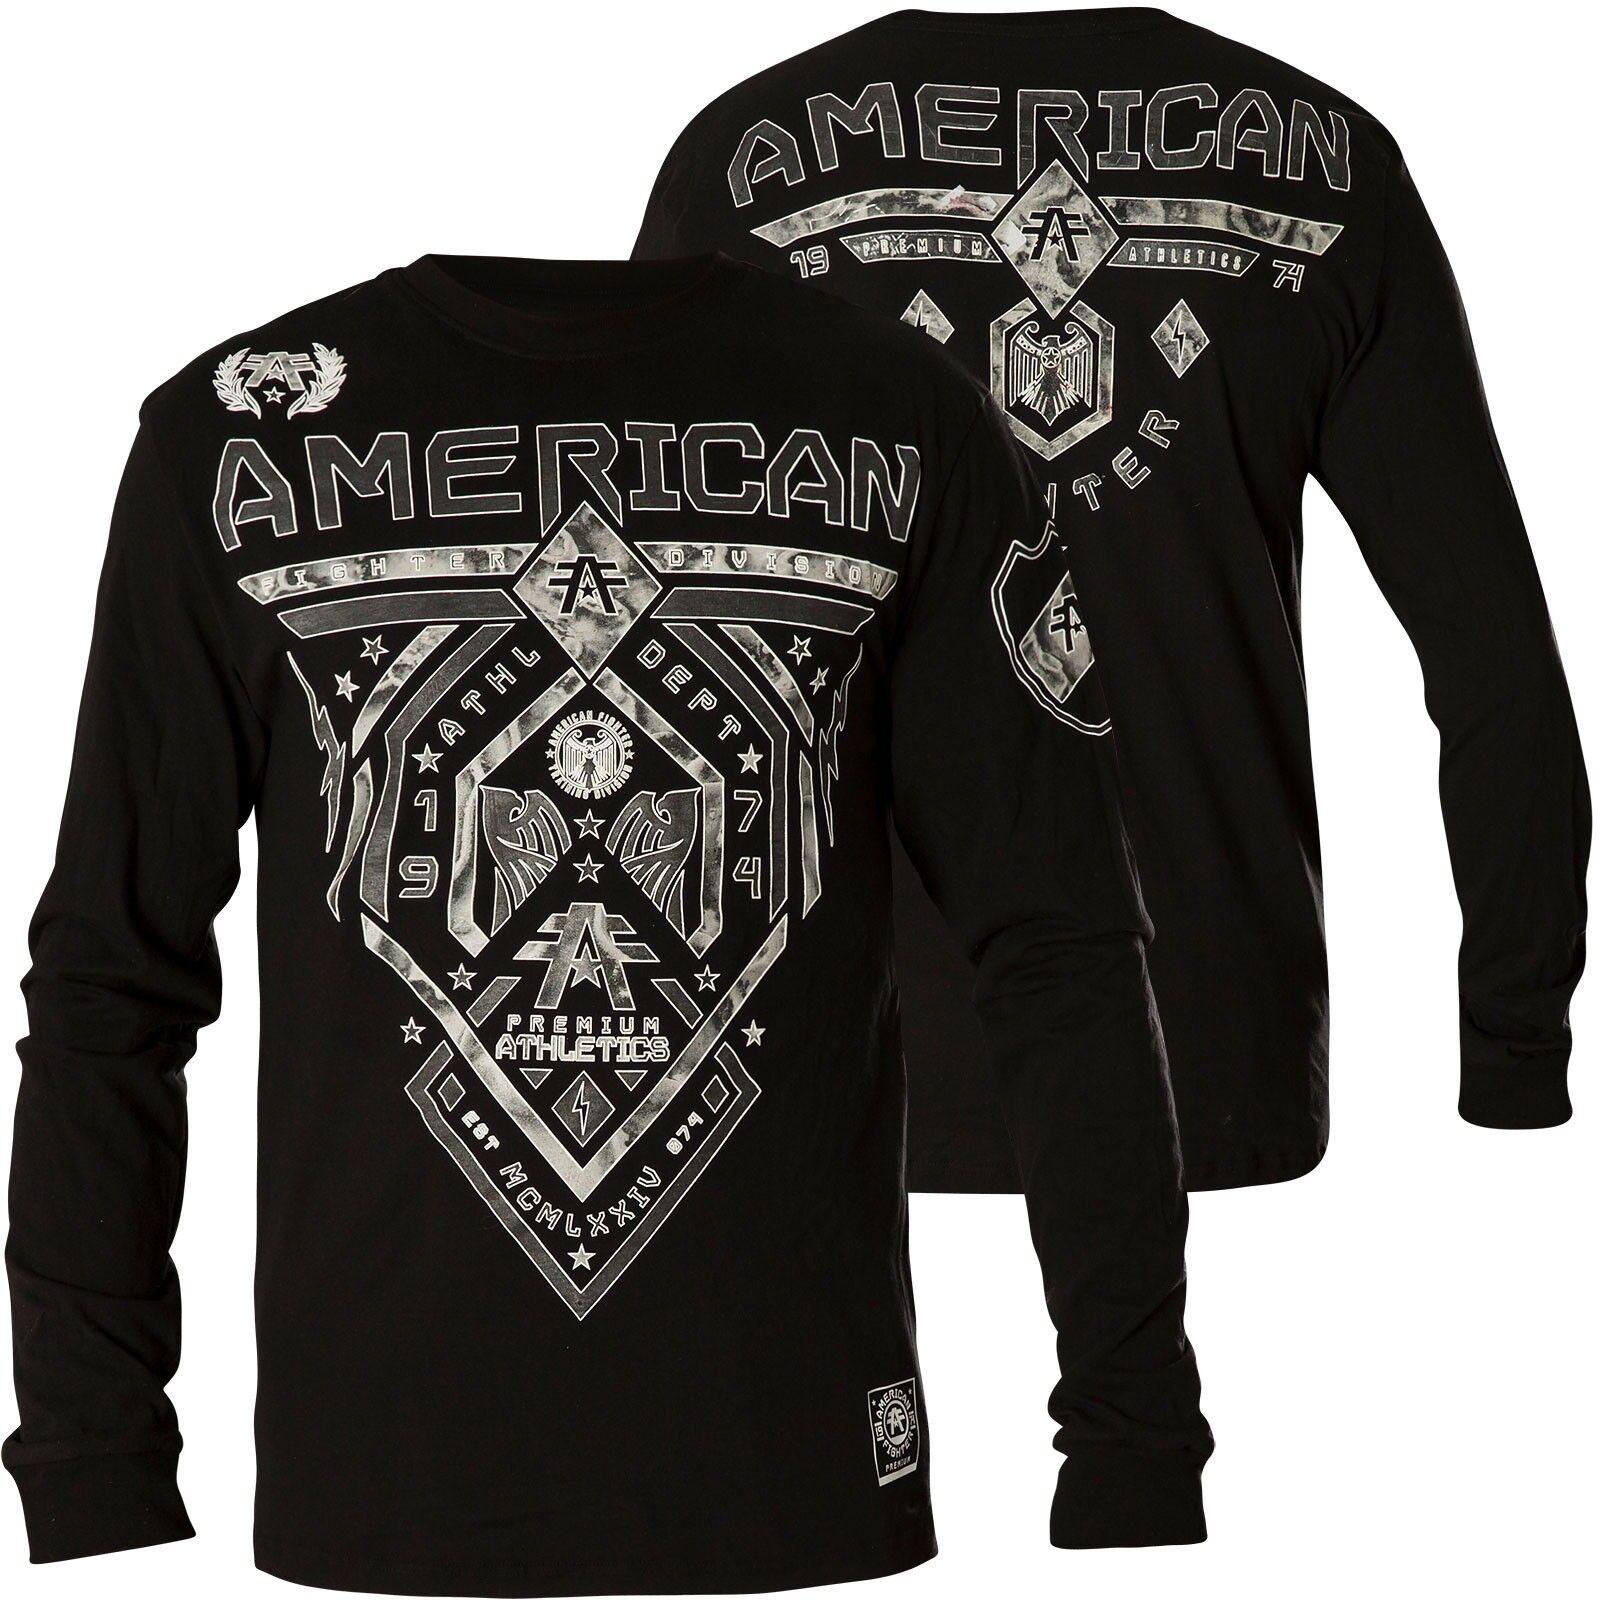 AMERICAN FIGHTER Affliction Pullover Fairbanks Schwarz Sweatshirts